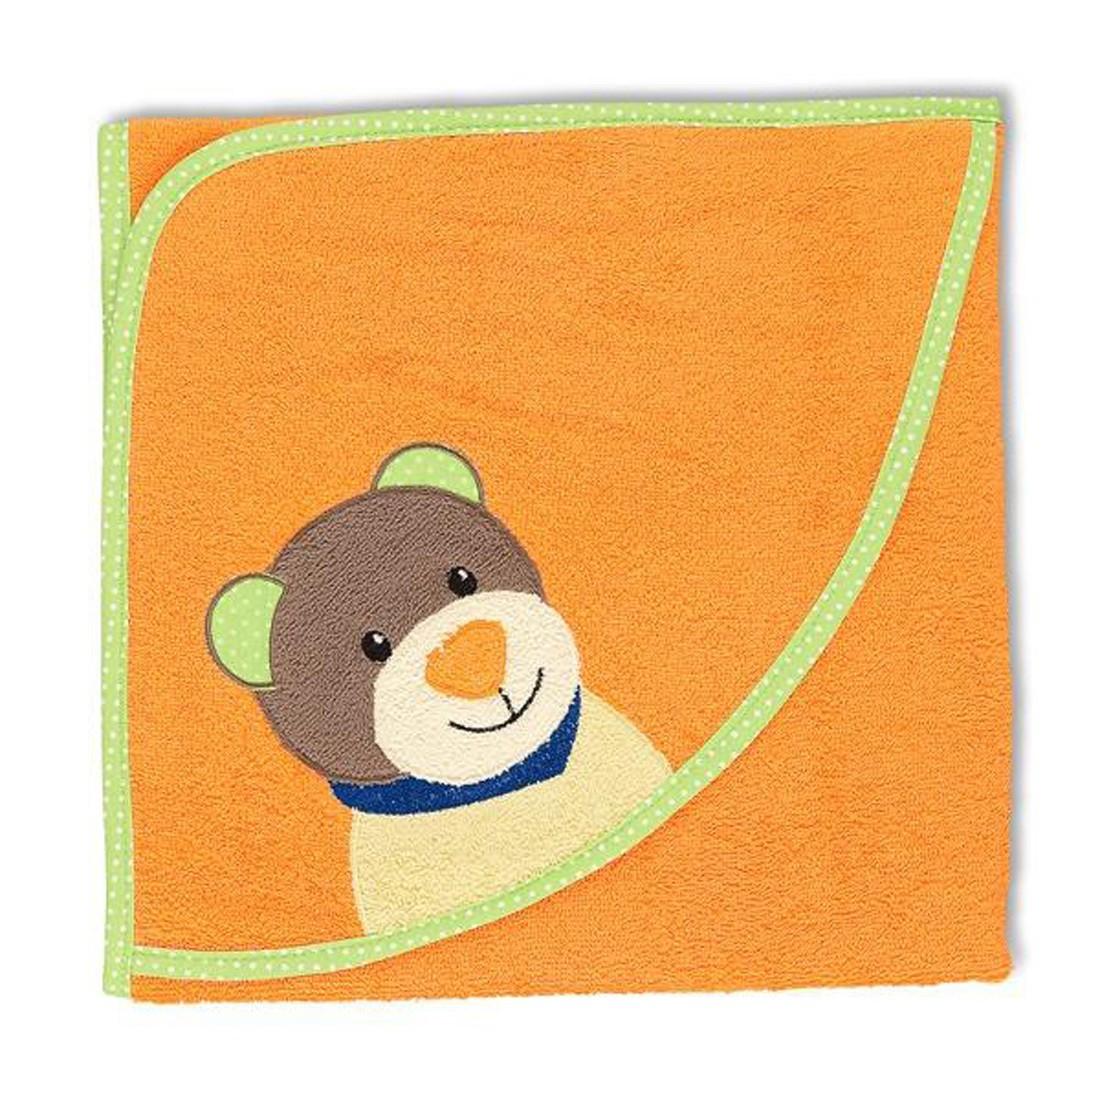 Kapuzenbadetuch Benno – Baumwolle – Apricot – 80×80, Sterntaler online kaufen